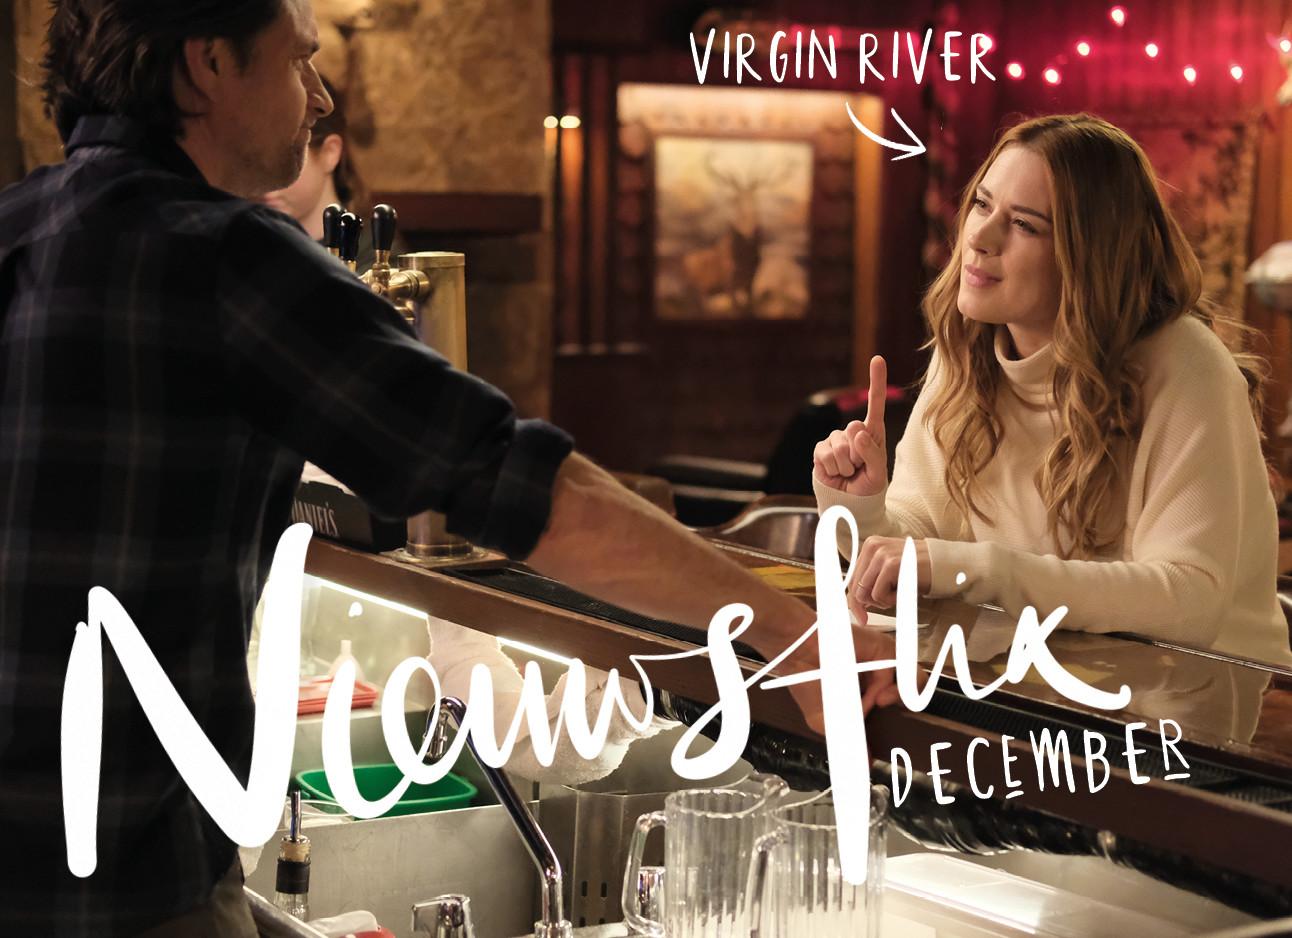 beeld uit de serie virgin river waar een vrouw aan de bar zit en een drankje besteld